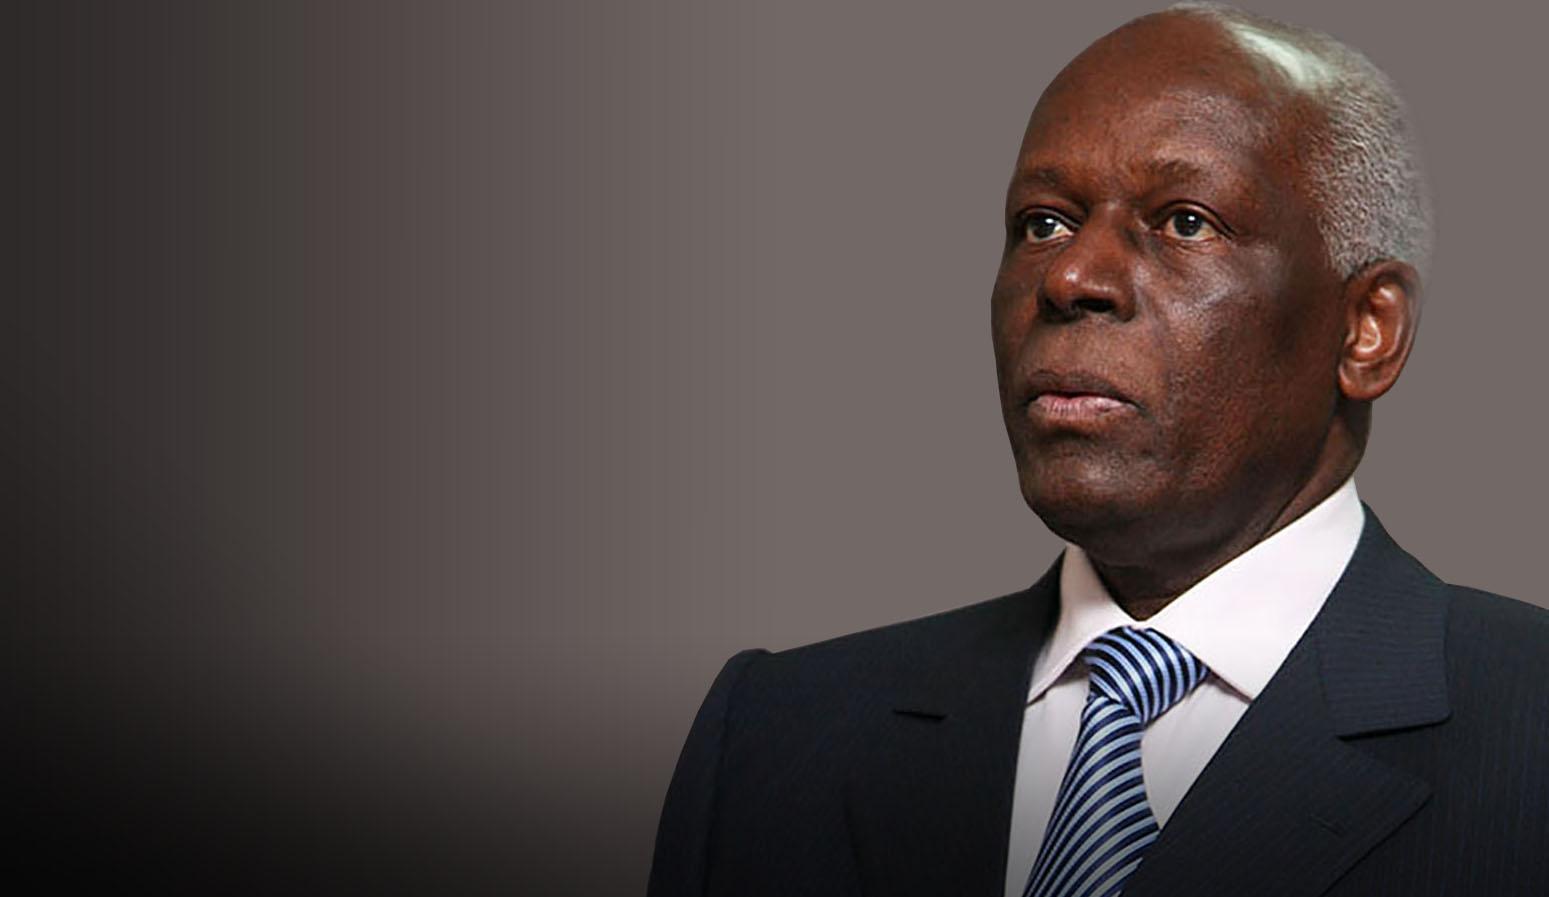 President of Angola, José Eduardo dos Santos